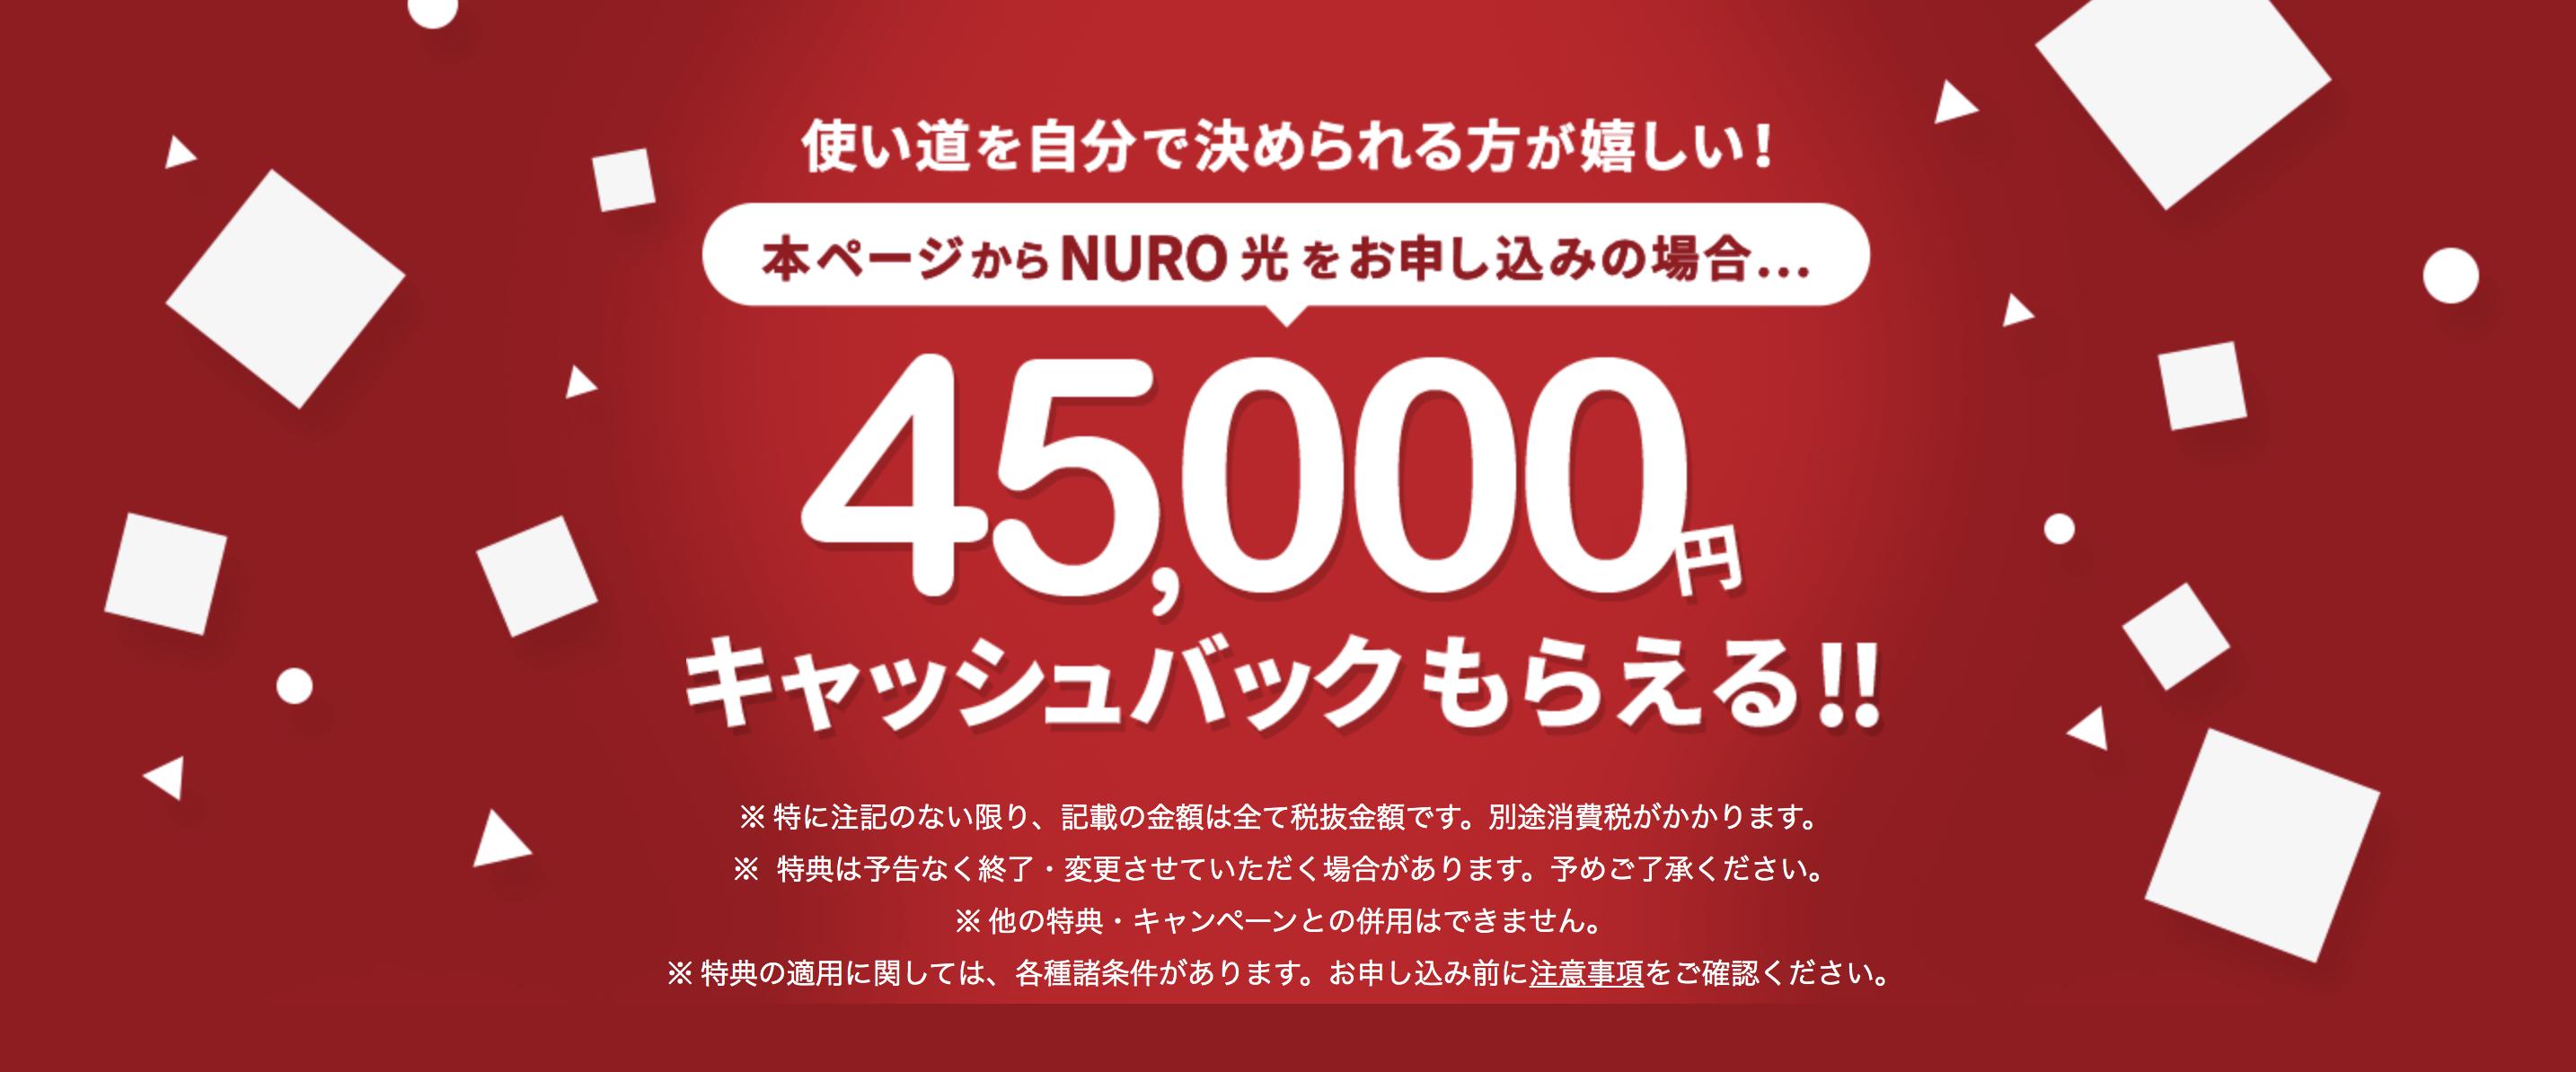 jcom_通信_障害_乗り換え_NURO光